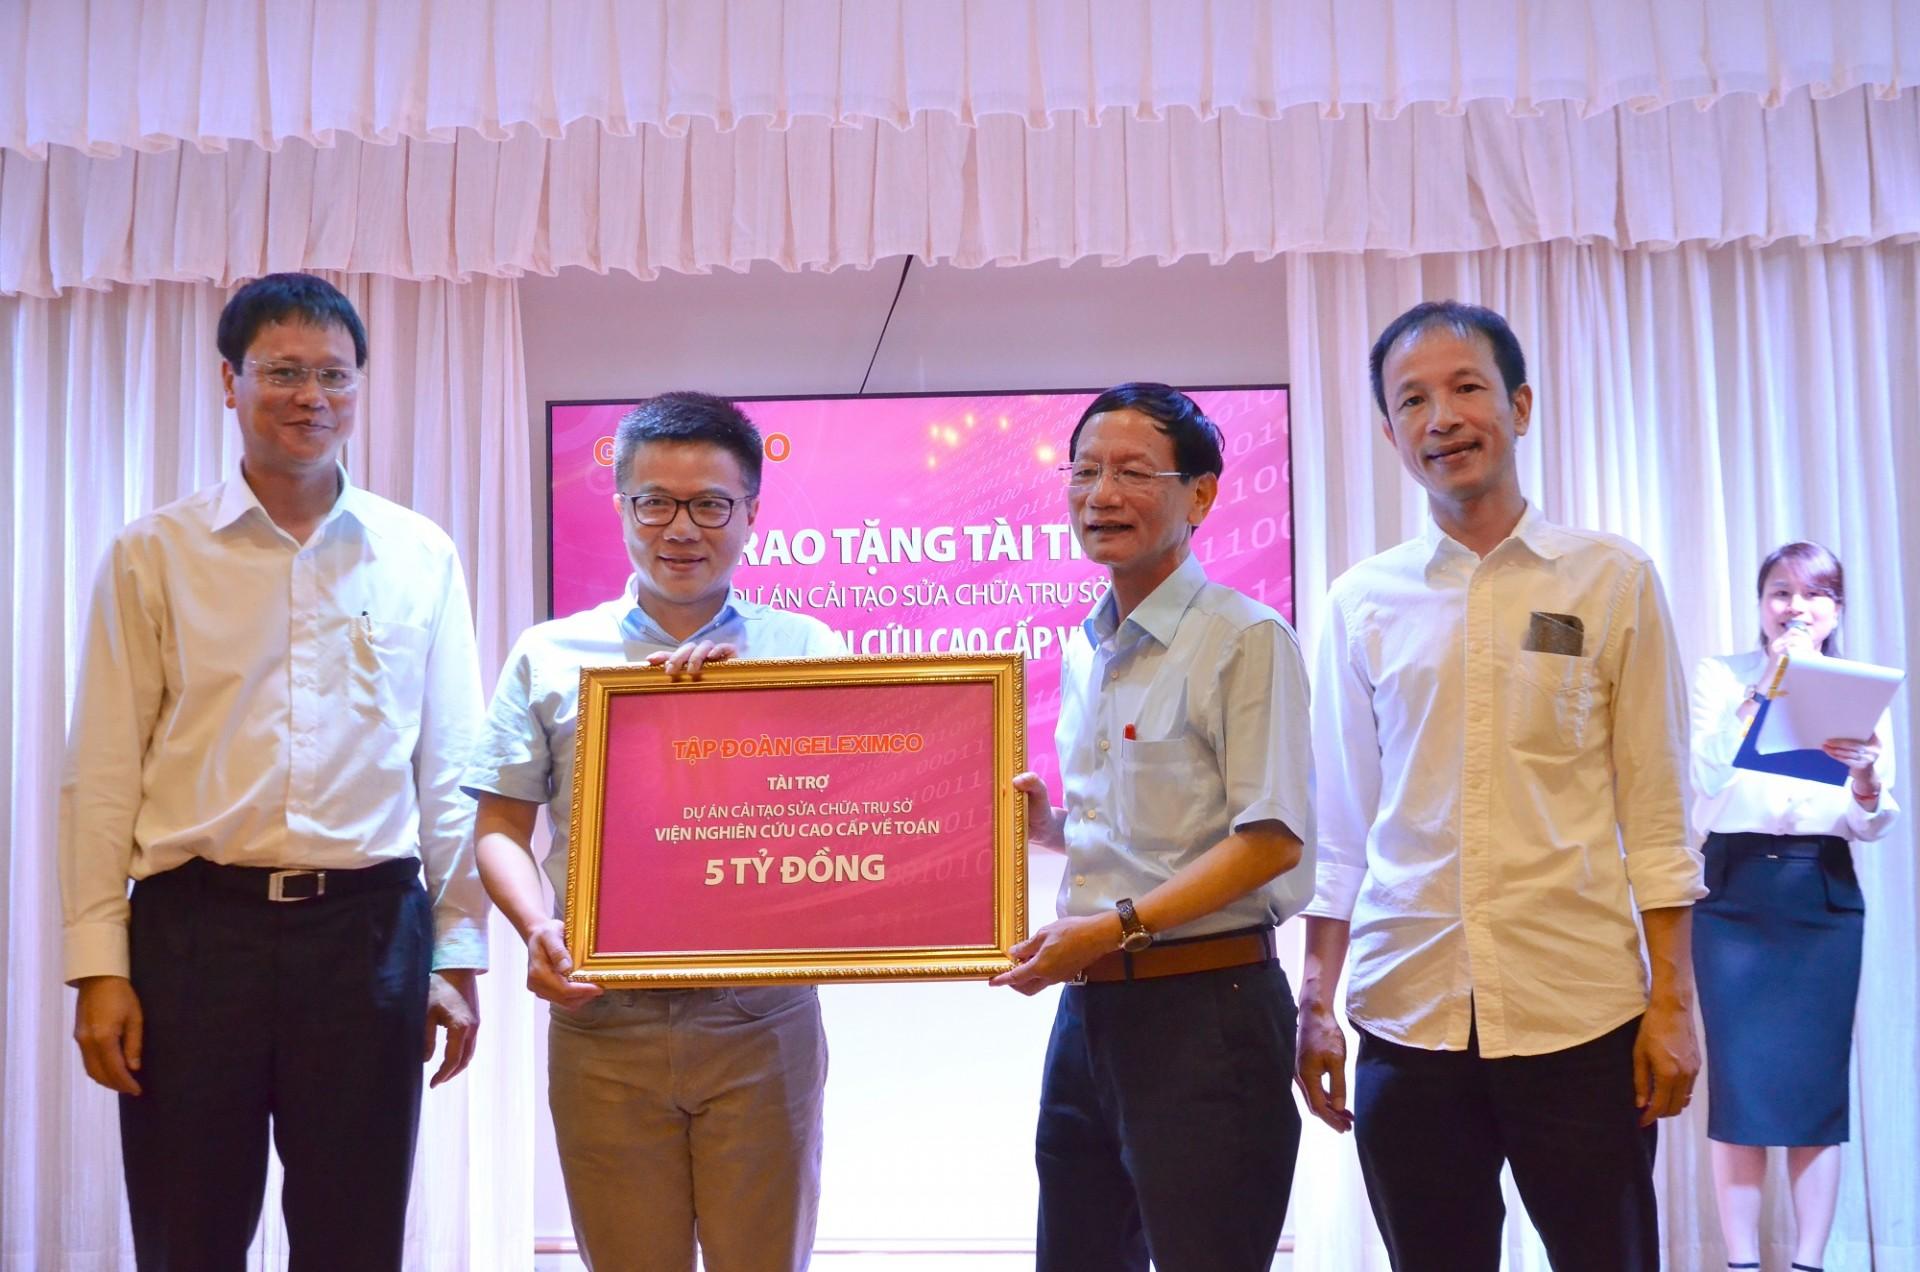 Chủ tịch Tập đoàn Geleximco Vũ Văn Tiền trao số tiền 5 tỉ đồng cho GS Ngô Bảo Châu – Giám đốc Khoa học Viện Nghiên cứu cao cấp về Toán.